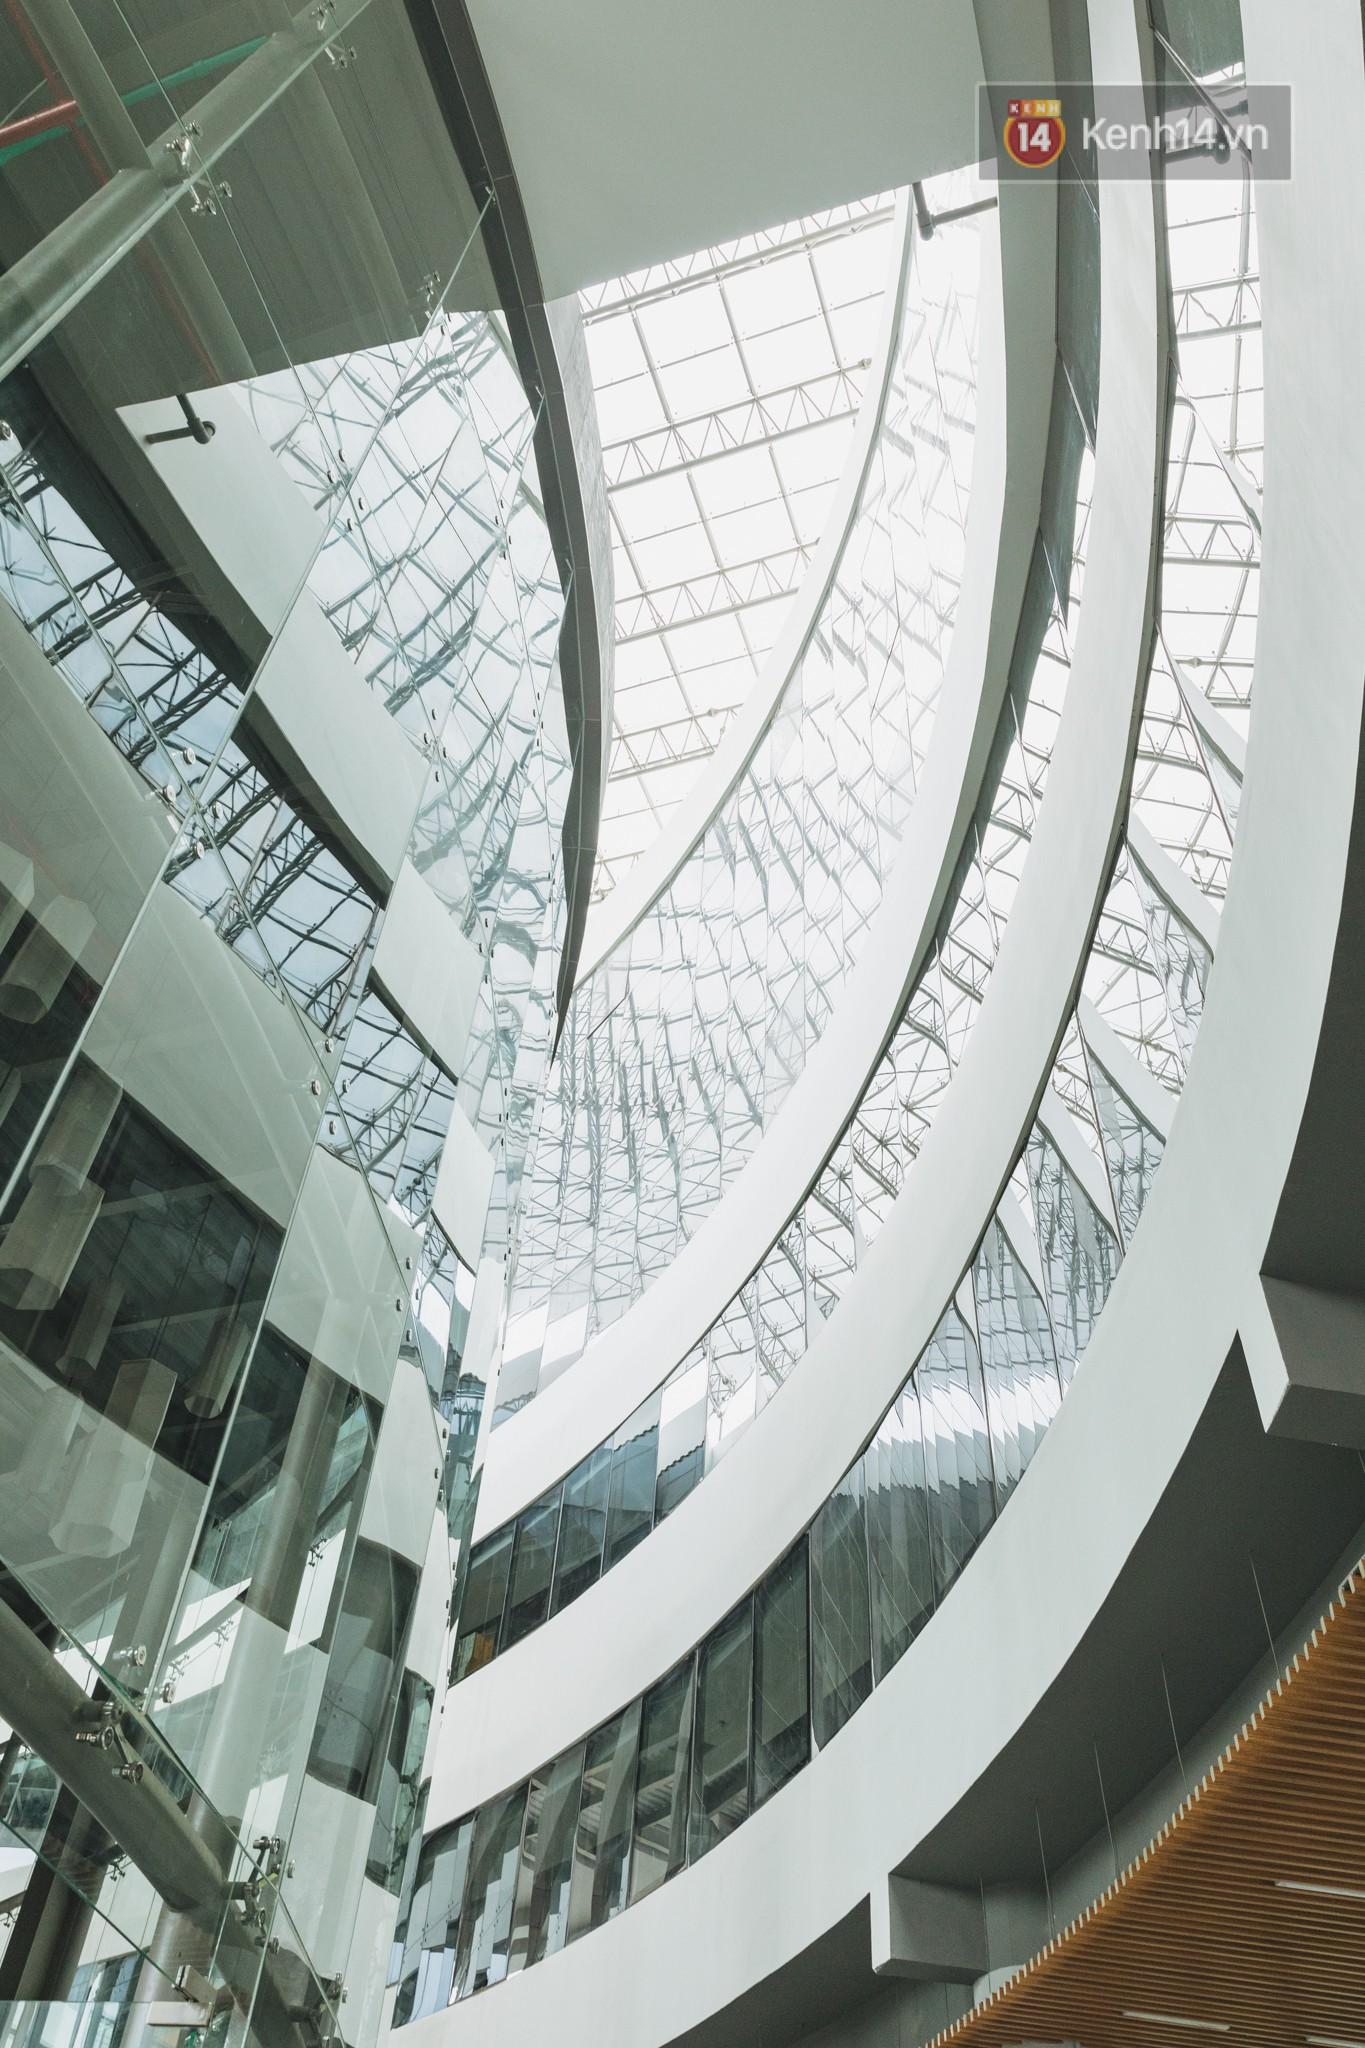 Thiên đường sống ảo mới ở Sài Gòn gọi tên ĐH Văn Lang: Đẹp như trung tâm thương mại, lên hình lung linh bất chấp mọi ngóc ngách - Ảnh 4.